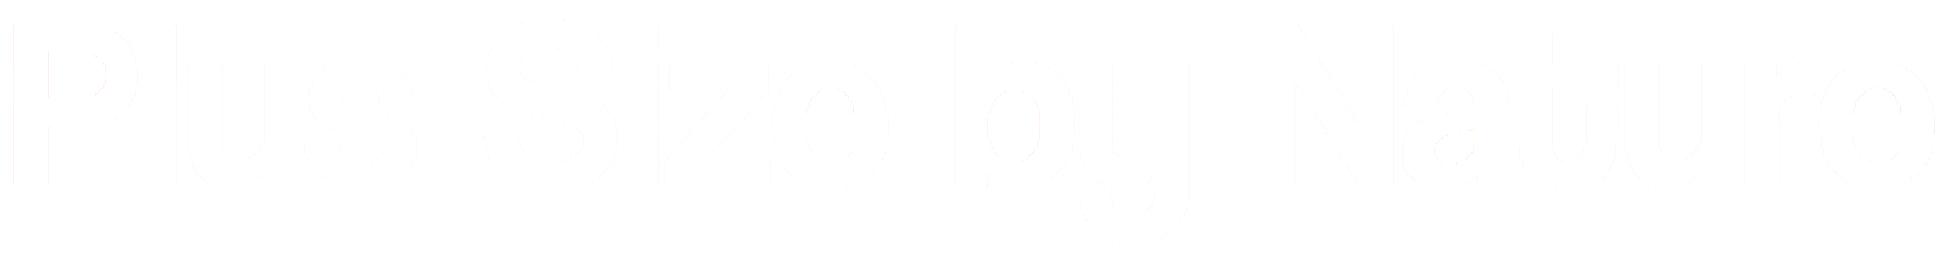 Bildschirmfoto-2019-11-05-um-1.49.58-PM-Kopie.png